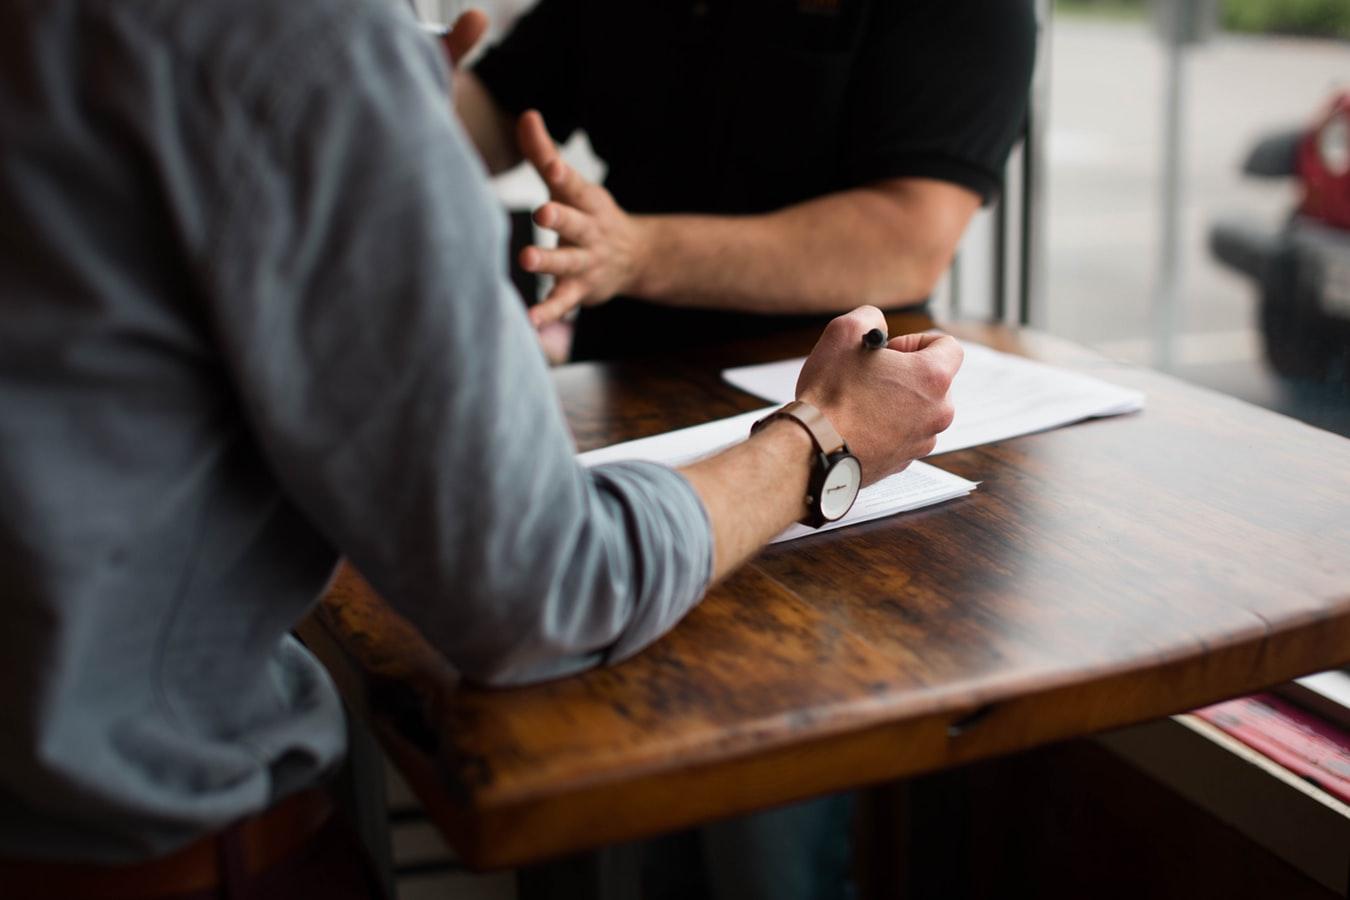 El contracte eventual podrà tenir una durada màxima de sis mesos, prorrogable una única vegada fins a un màxim de 12 mesos. Font: Unsplash. Font: Font: Unsplash.